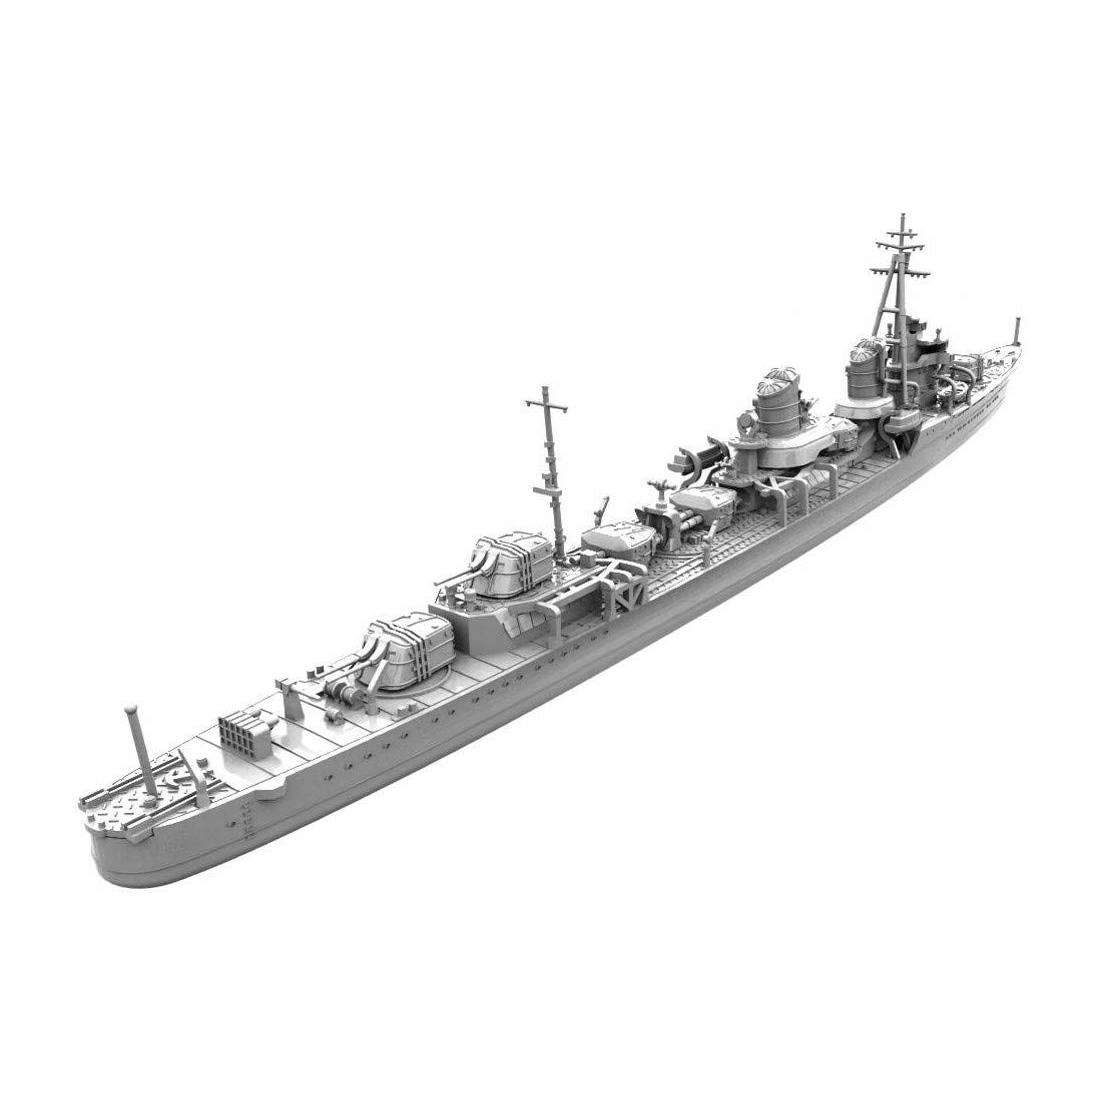 1/700 艦艇模型シリーズ『特型駆逐艦I型改 浦波』プラモデル-002